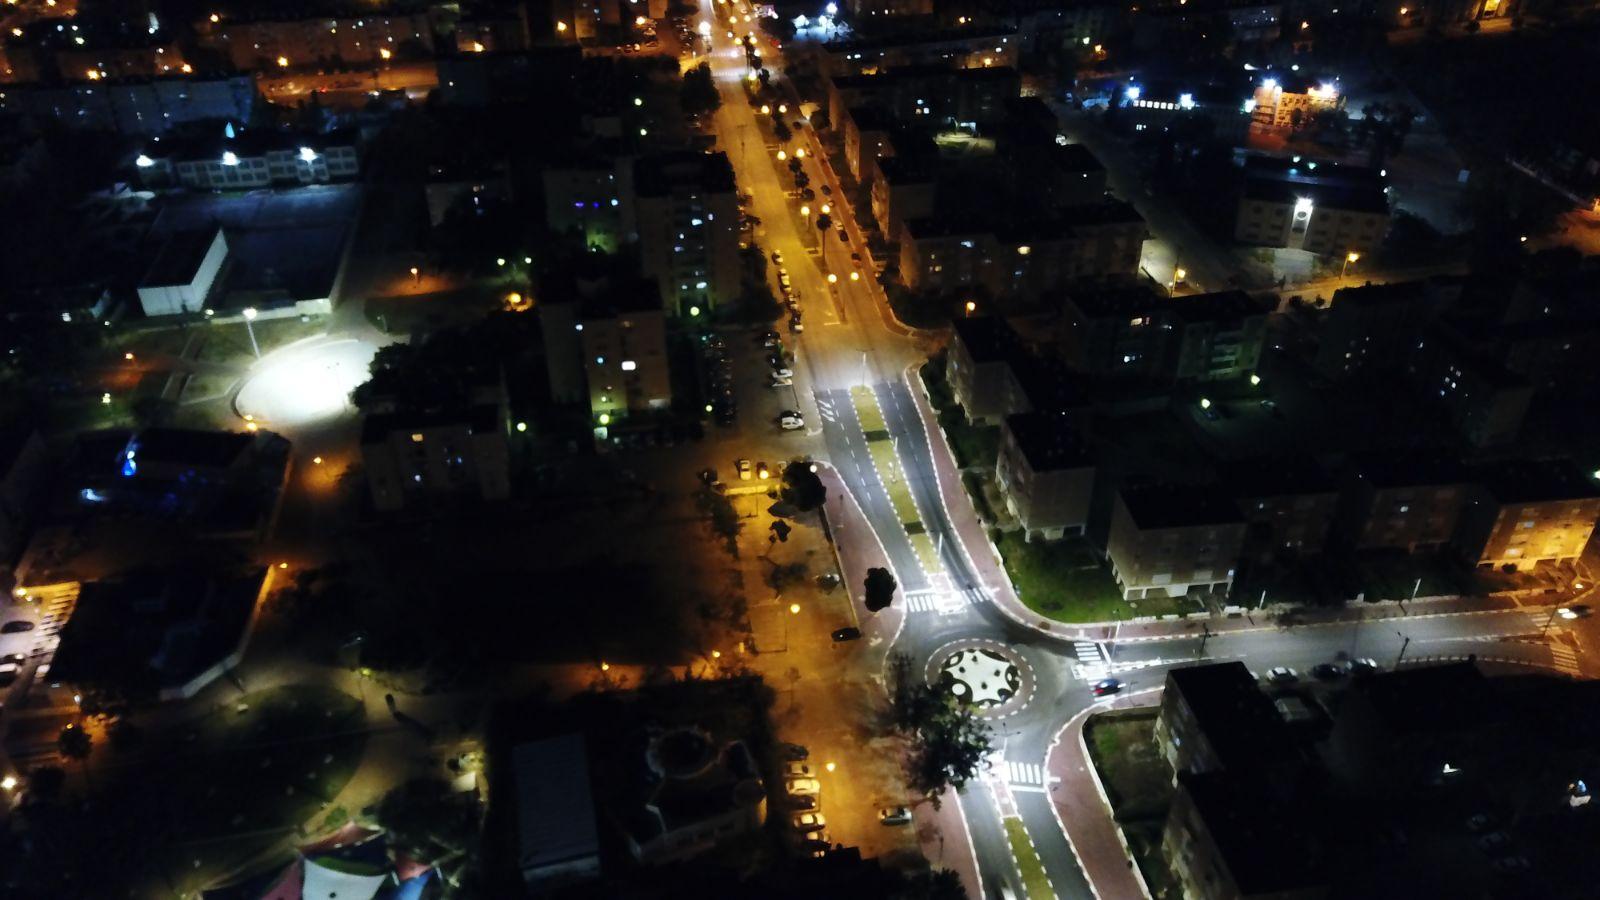 שיפורי תאורה בכיכרות אשקלון 2017